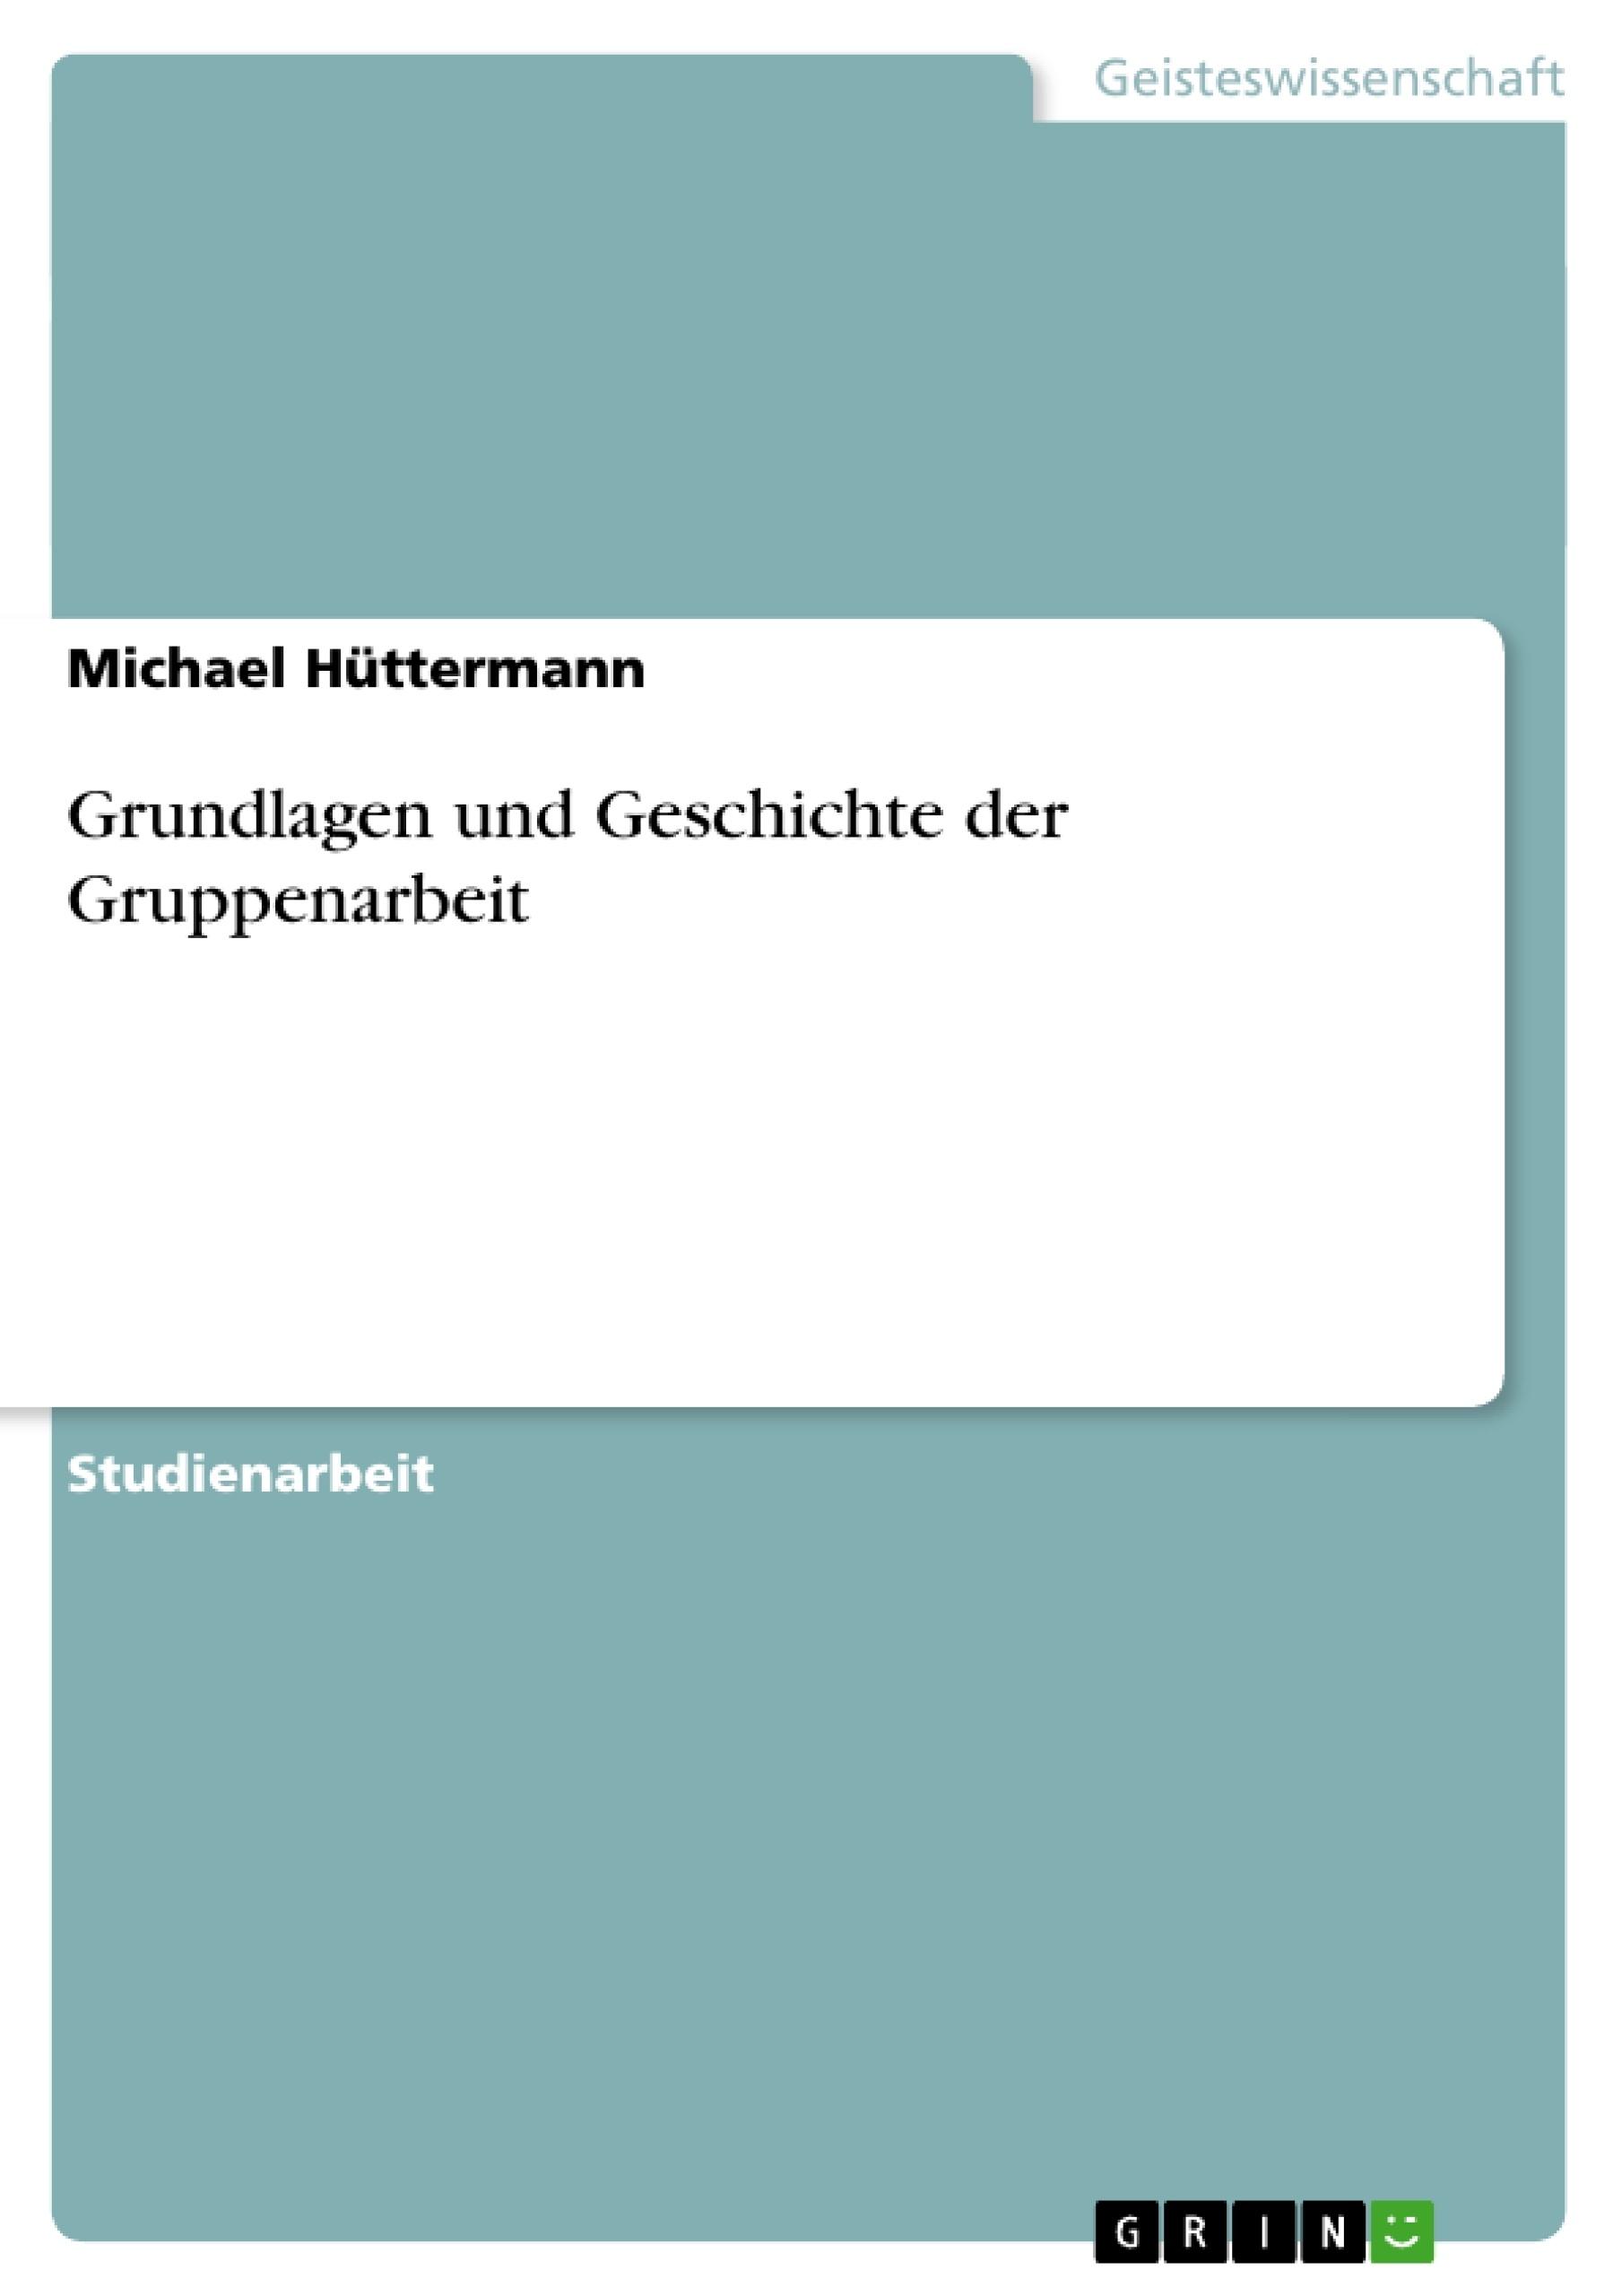 Titel: Grundlagen und Geschichte der Gruppenarbeit